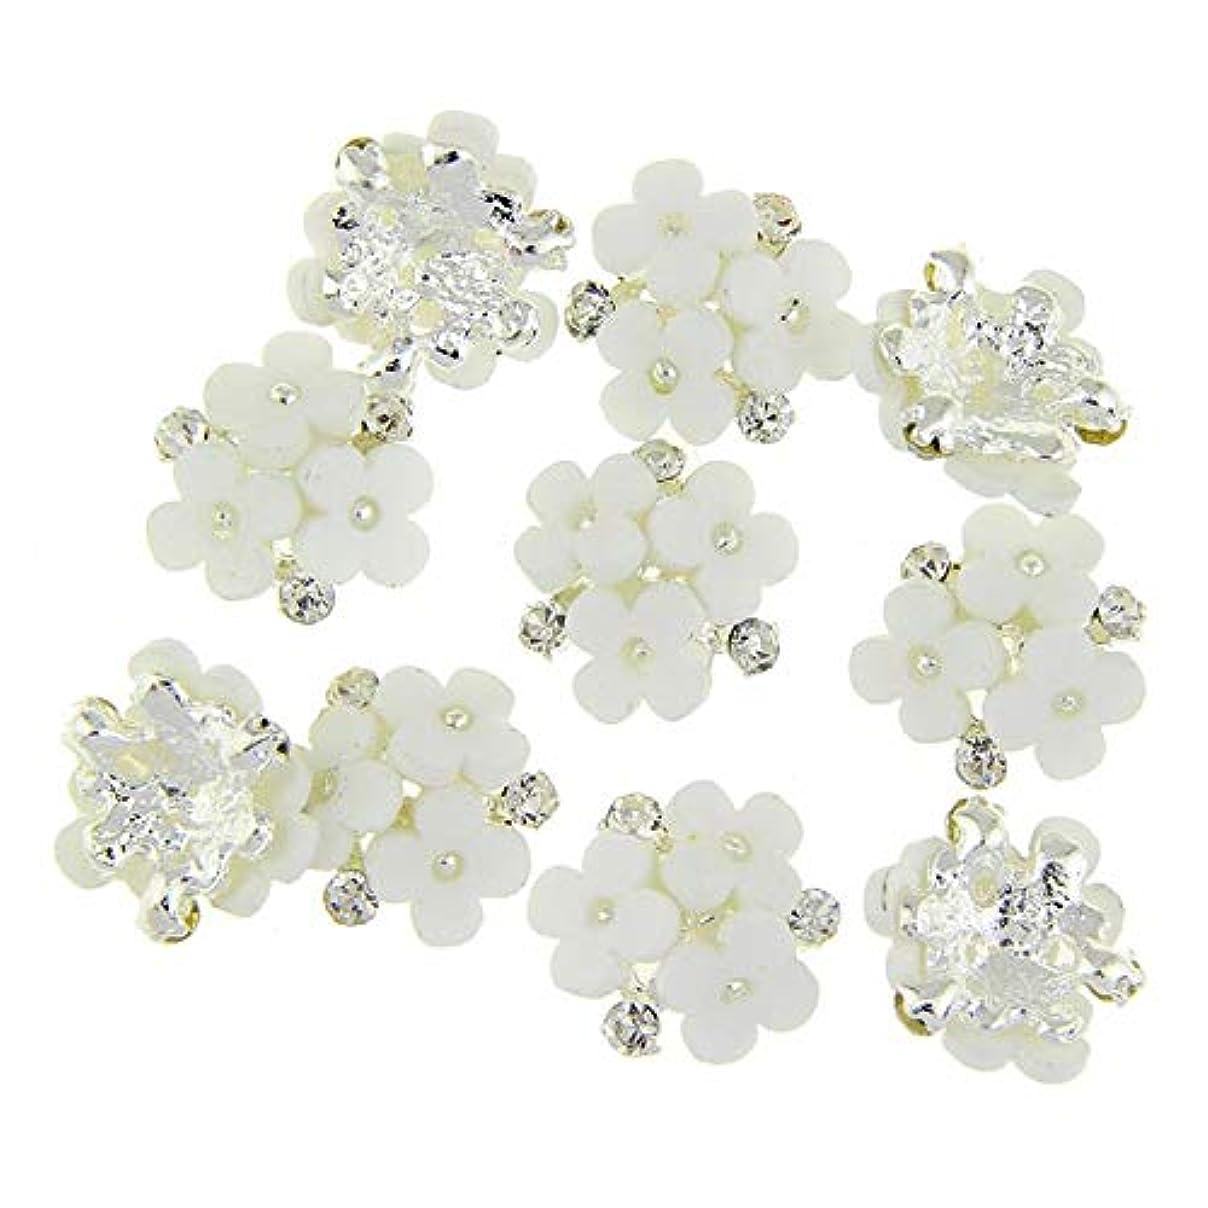 忙しい知っているに立ち寄る乳白色ネイルズ3D花銀合金チャーム用10個/ロット三花柄ラインストーンは、アートの装飾ネイル